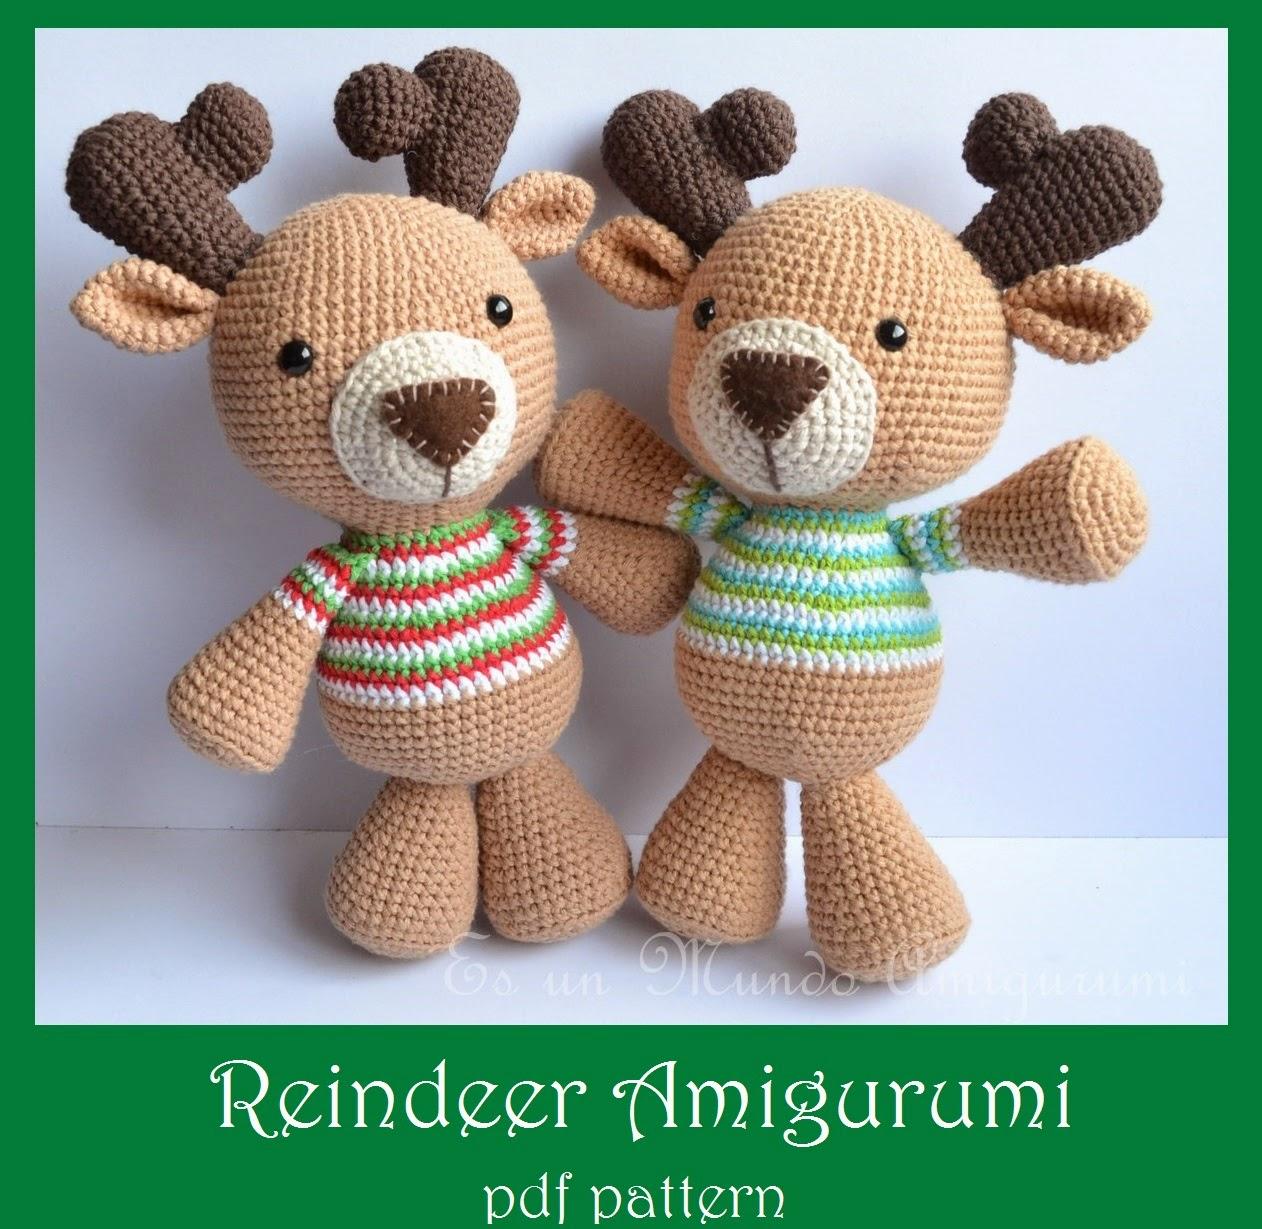 Amigurumi Reindeer Pattern : Es un Mundo Amigurumi: Reindeer Amigurumi Pattern...